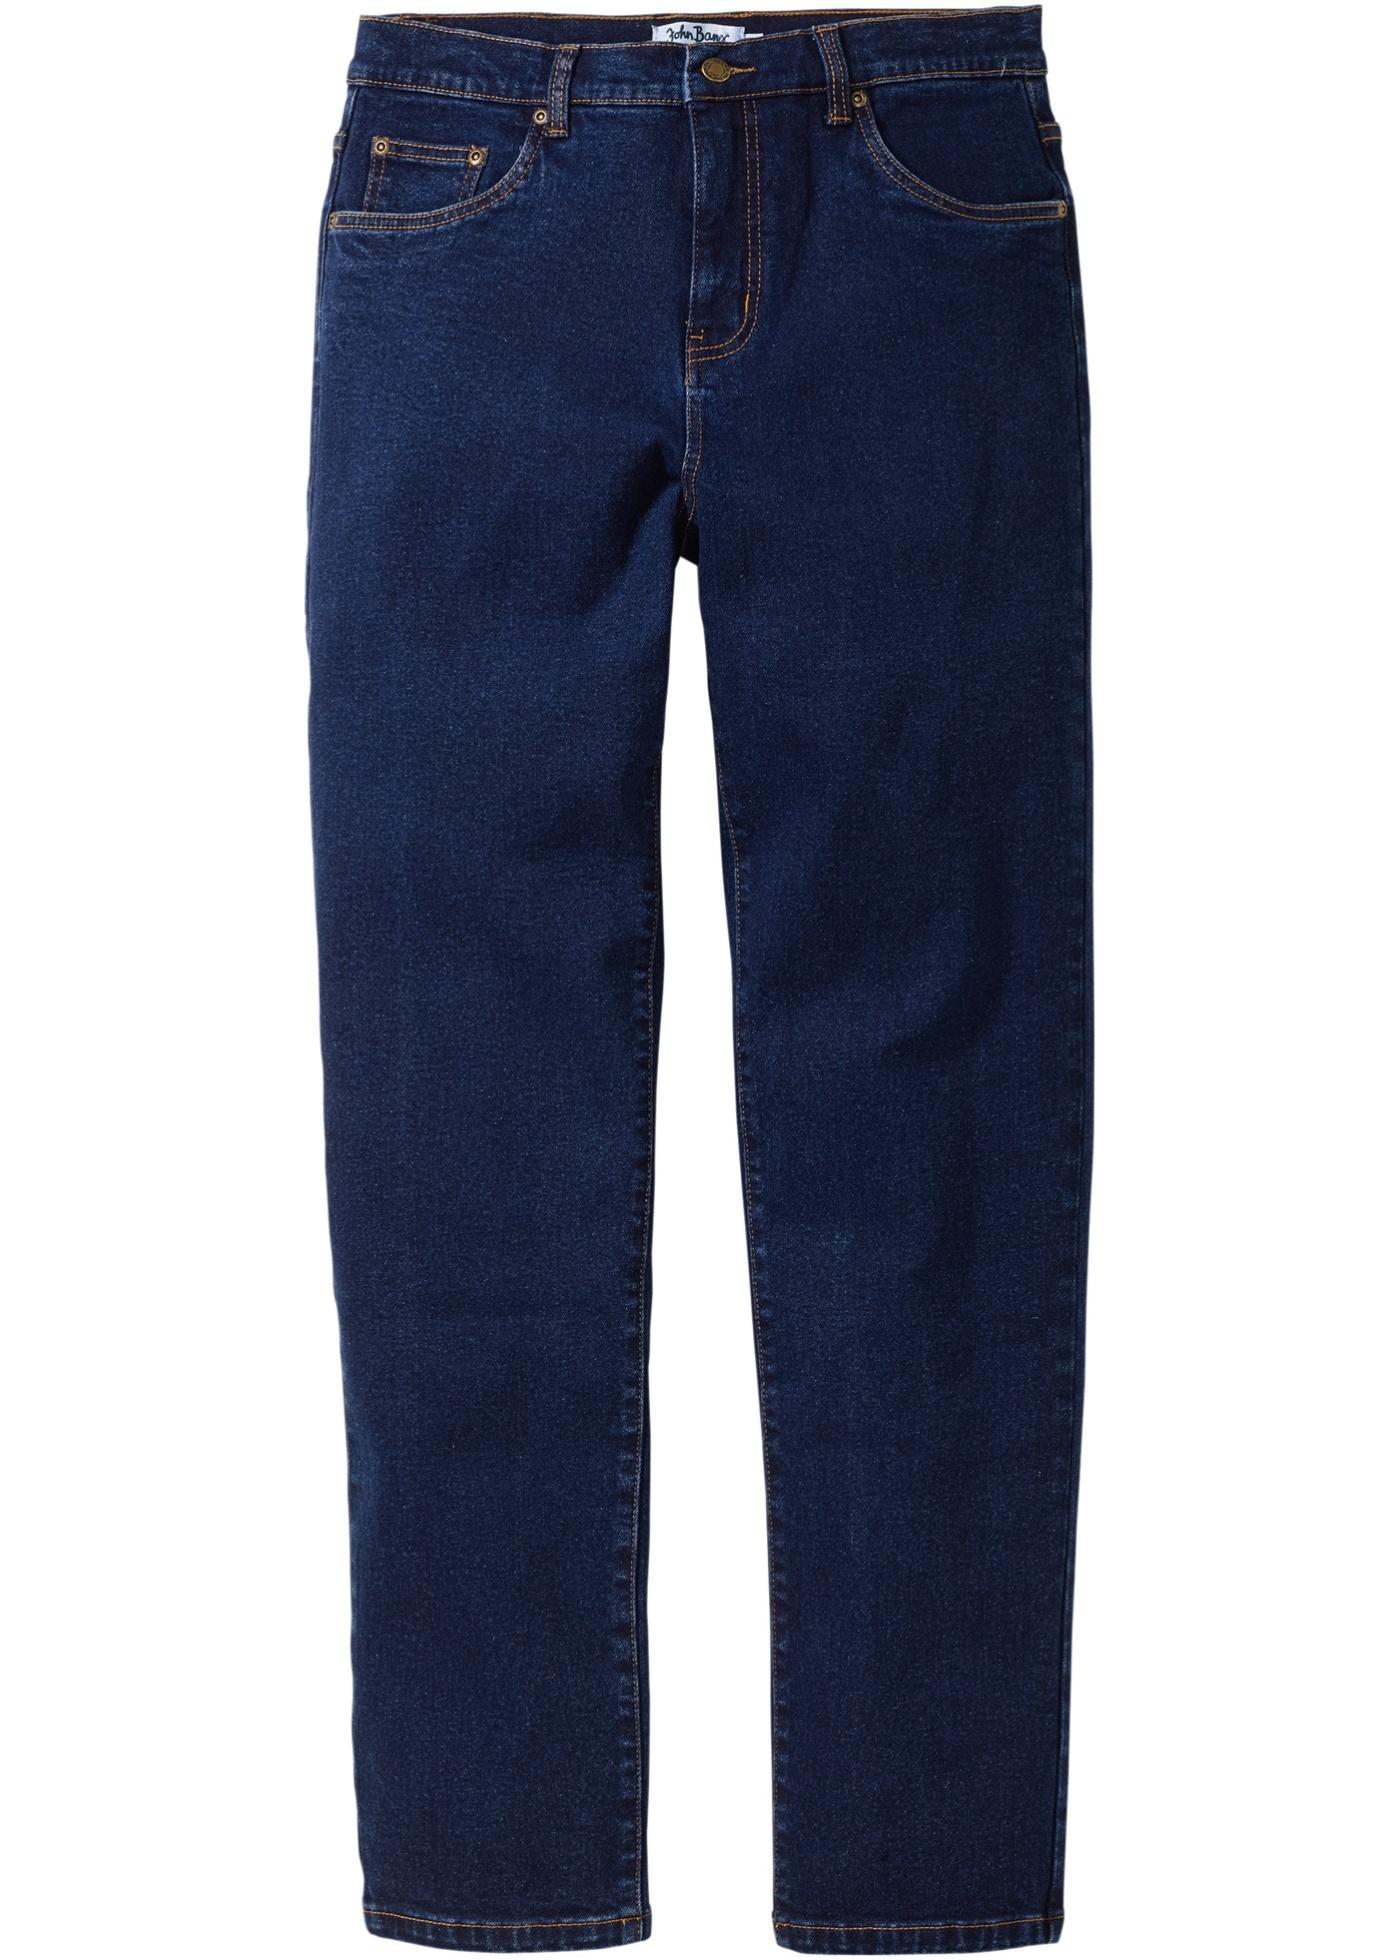 Jeans classic fit  Blu  -